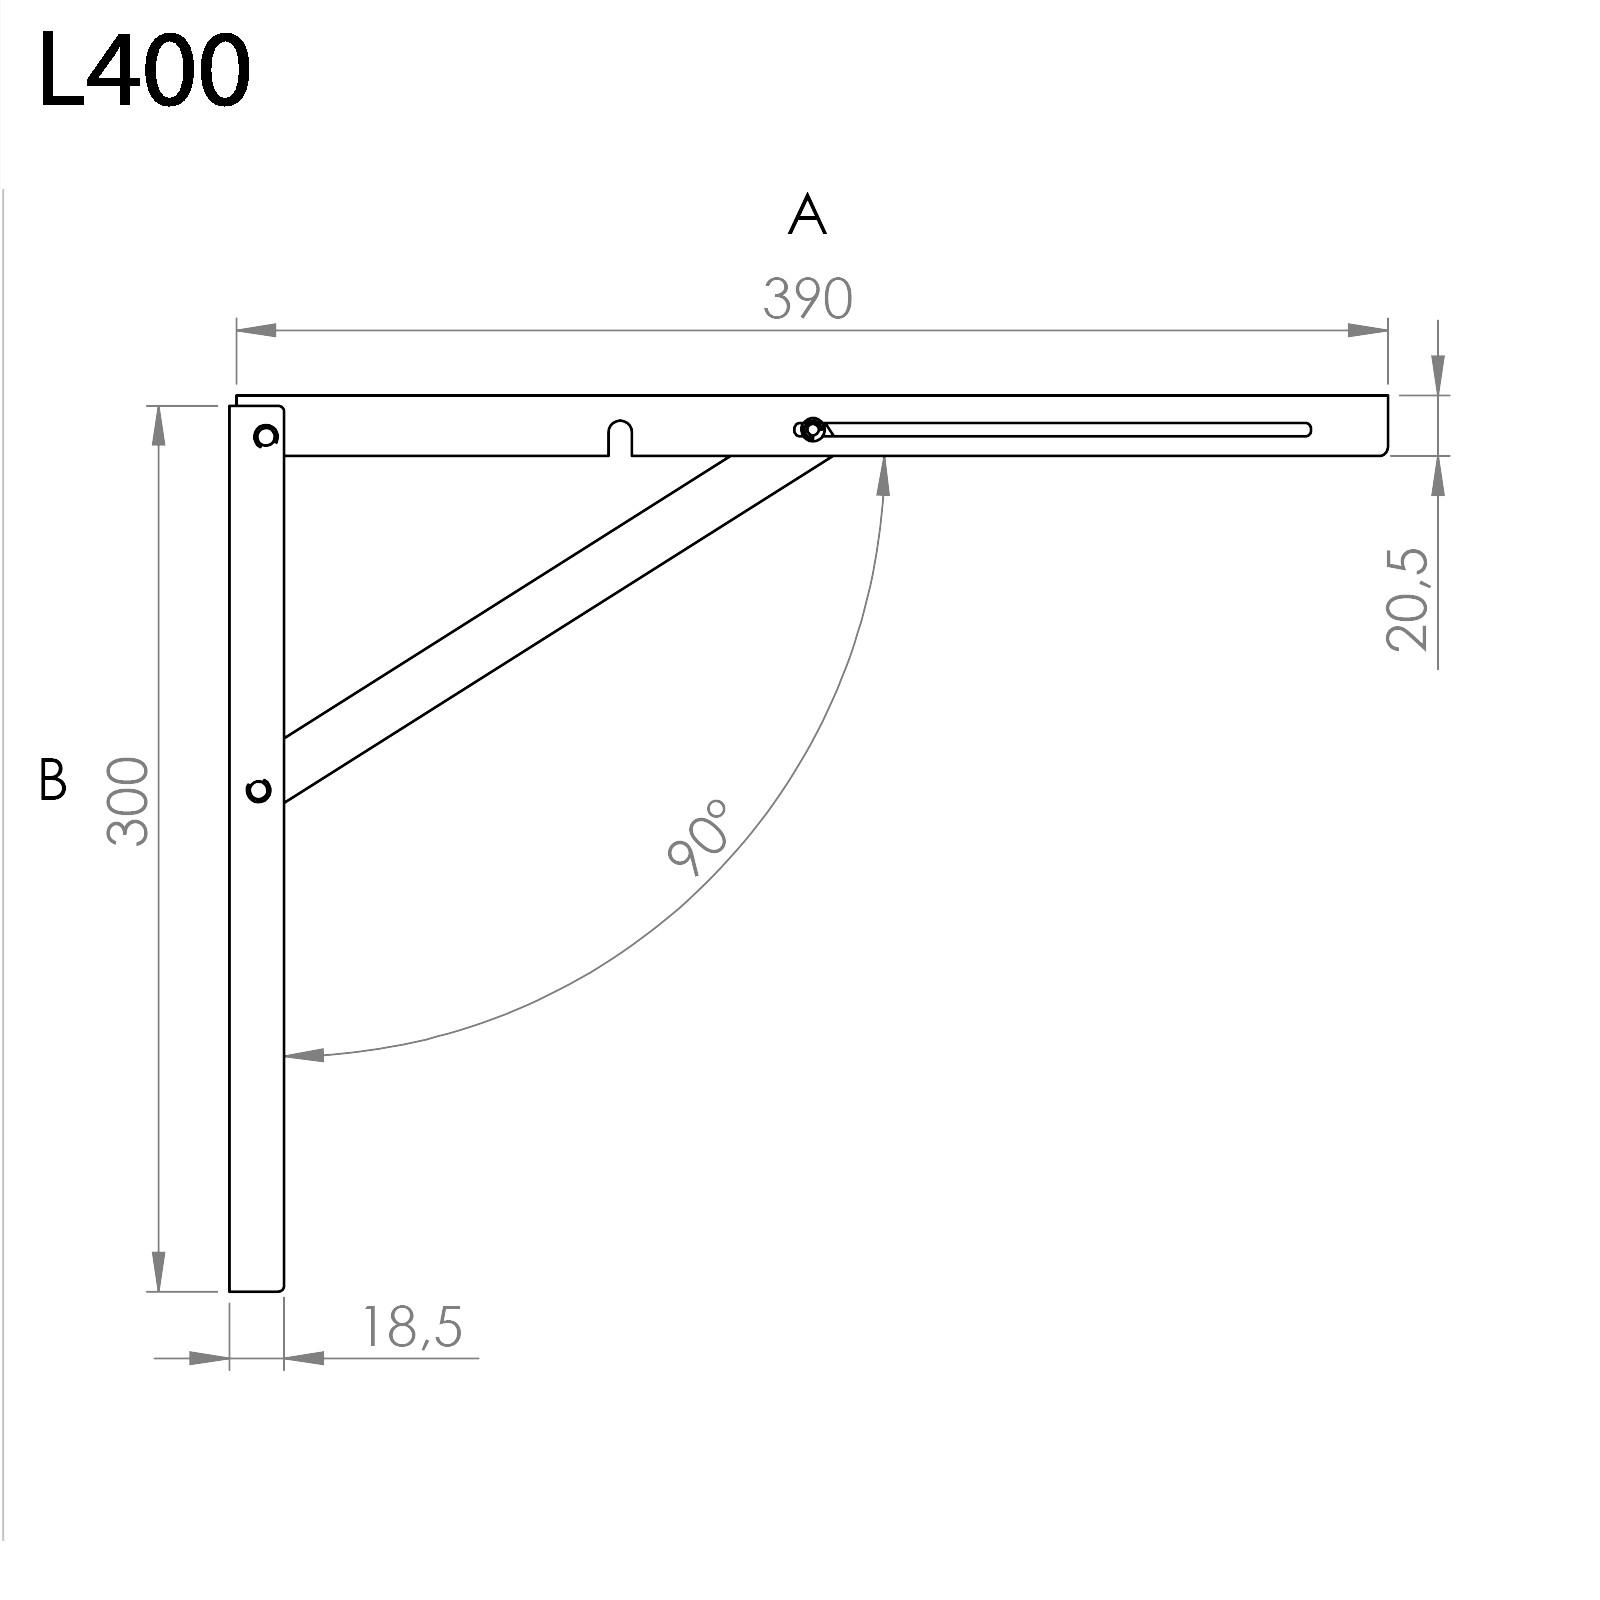 4 St/ück SO-TECH/® Klappkonsole Profi-Nr.1 L300 L/änge: 300 mm//H/öhe 260 mm Edelstahloptik matt Tragkraft 120 kg pro Paar satin